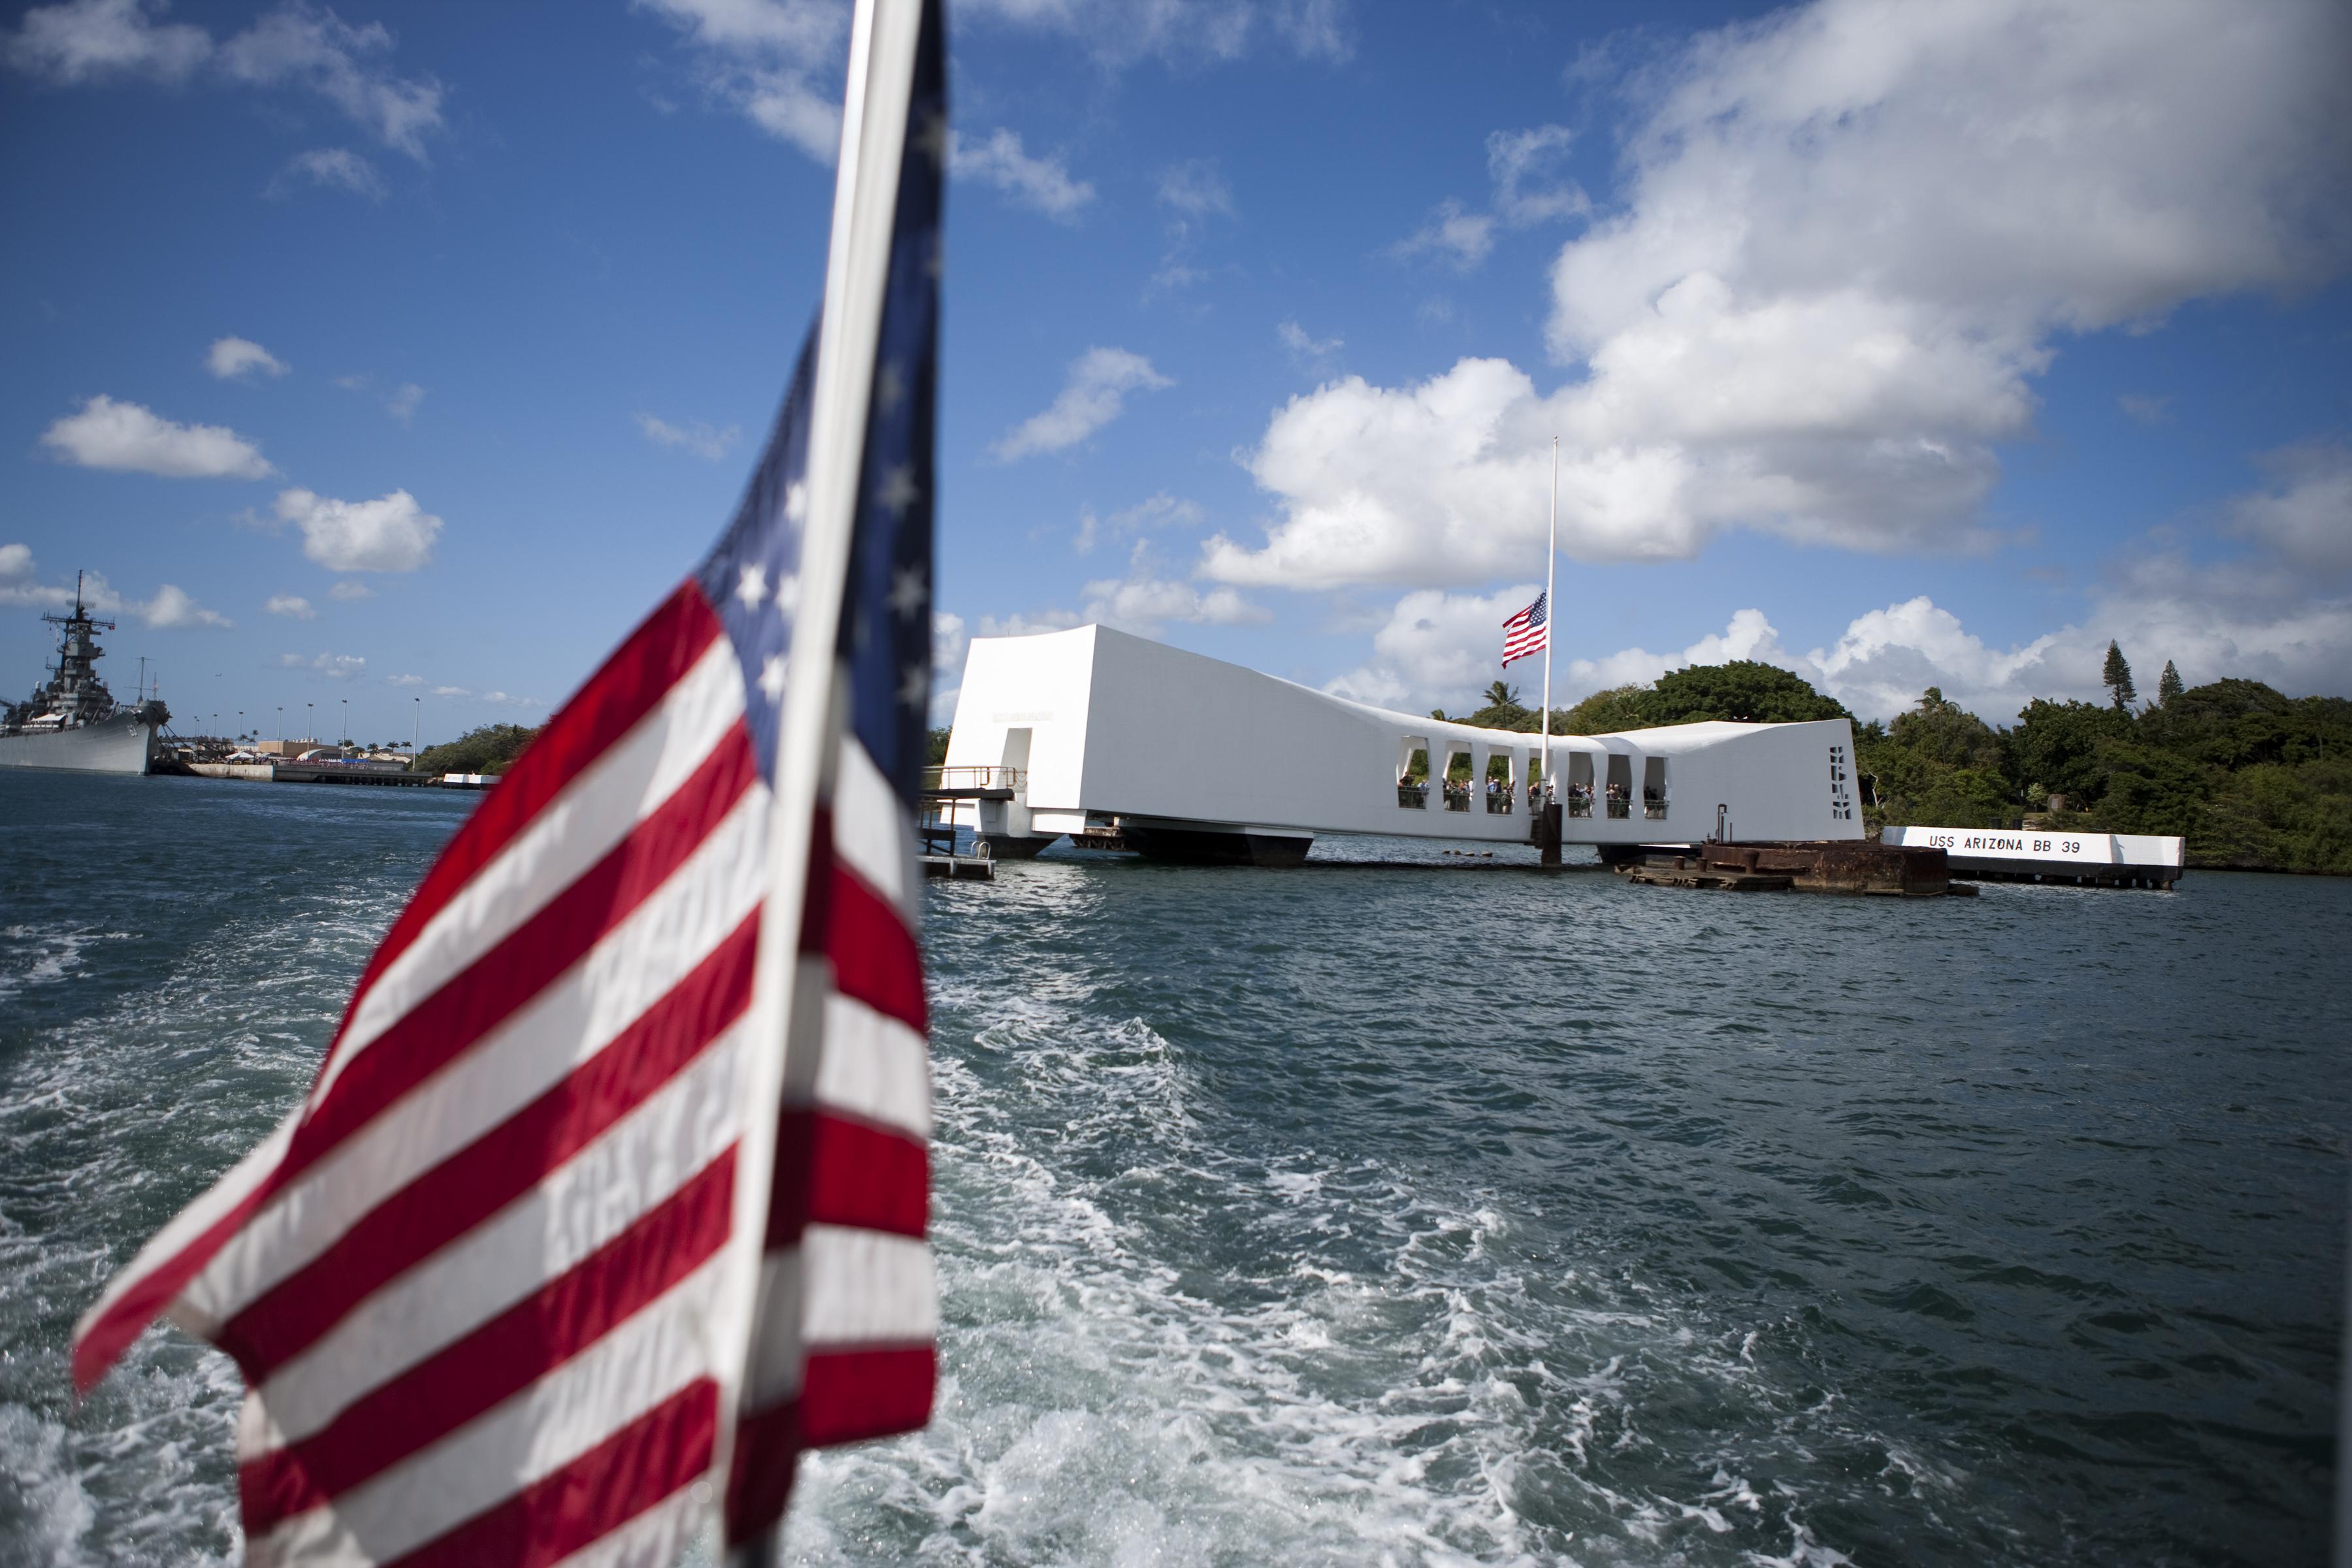 قایقی در حال دور شدن از یک بنای یادبود است و روی آن یک پرچم نصب شده است (عکس از آسوشیتدپرس)